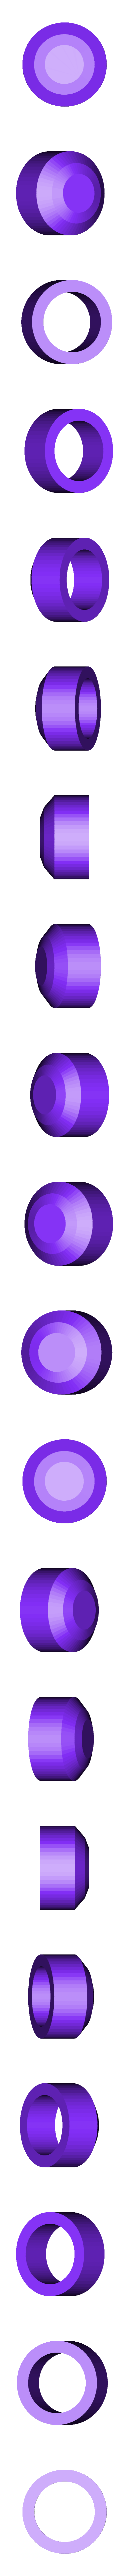 10_Kurbel03.obj Télécharger fichier OBJ gratuit Nemoriko's : Petite chenille hétéroclite • Objet pour imprimante 3D, Nemoriko